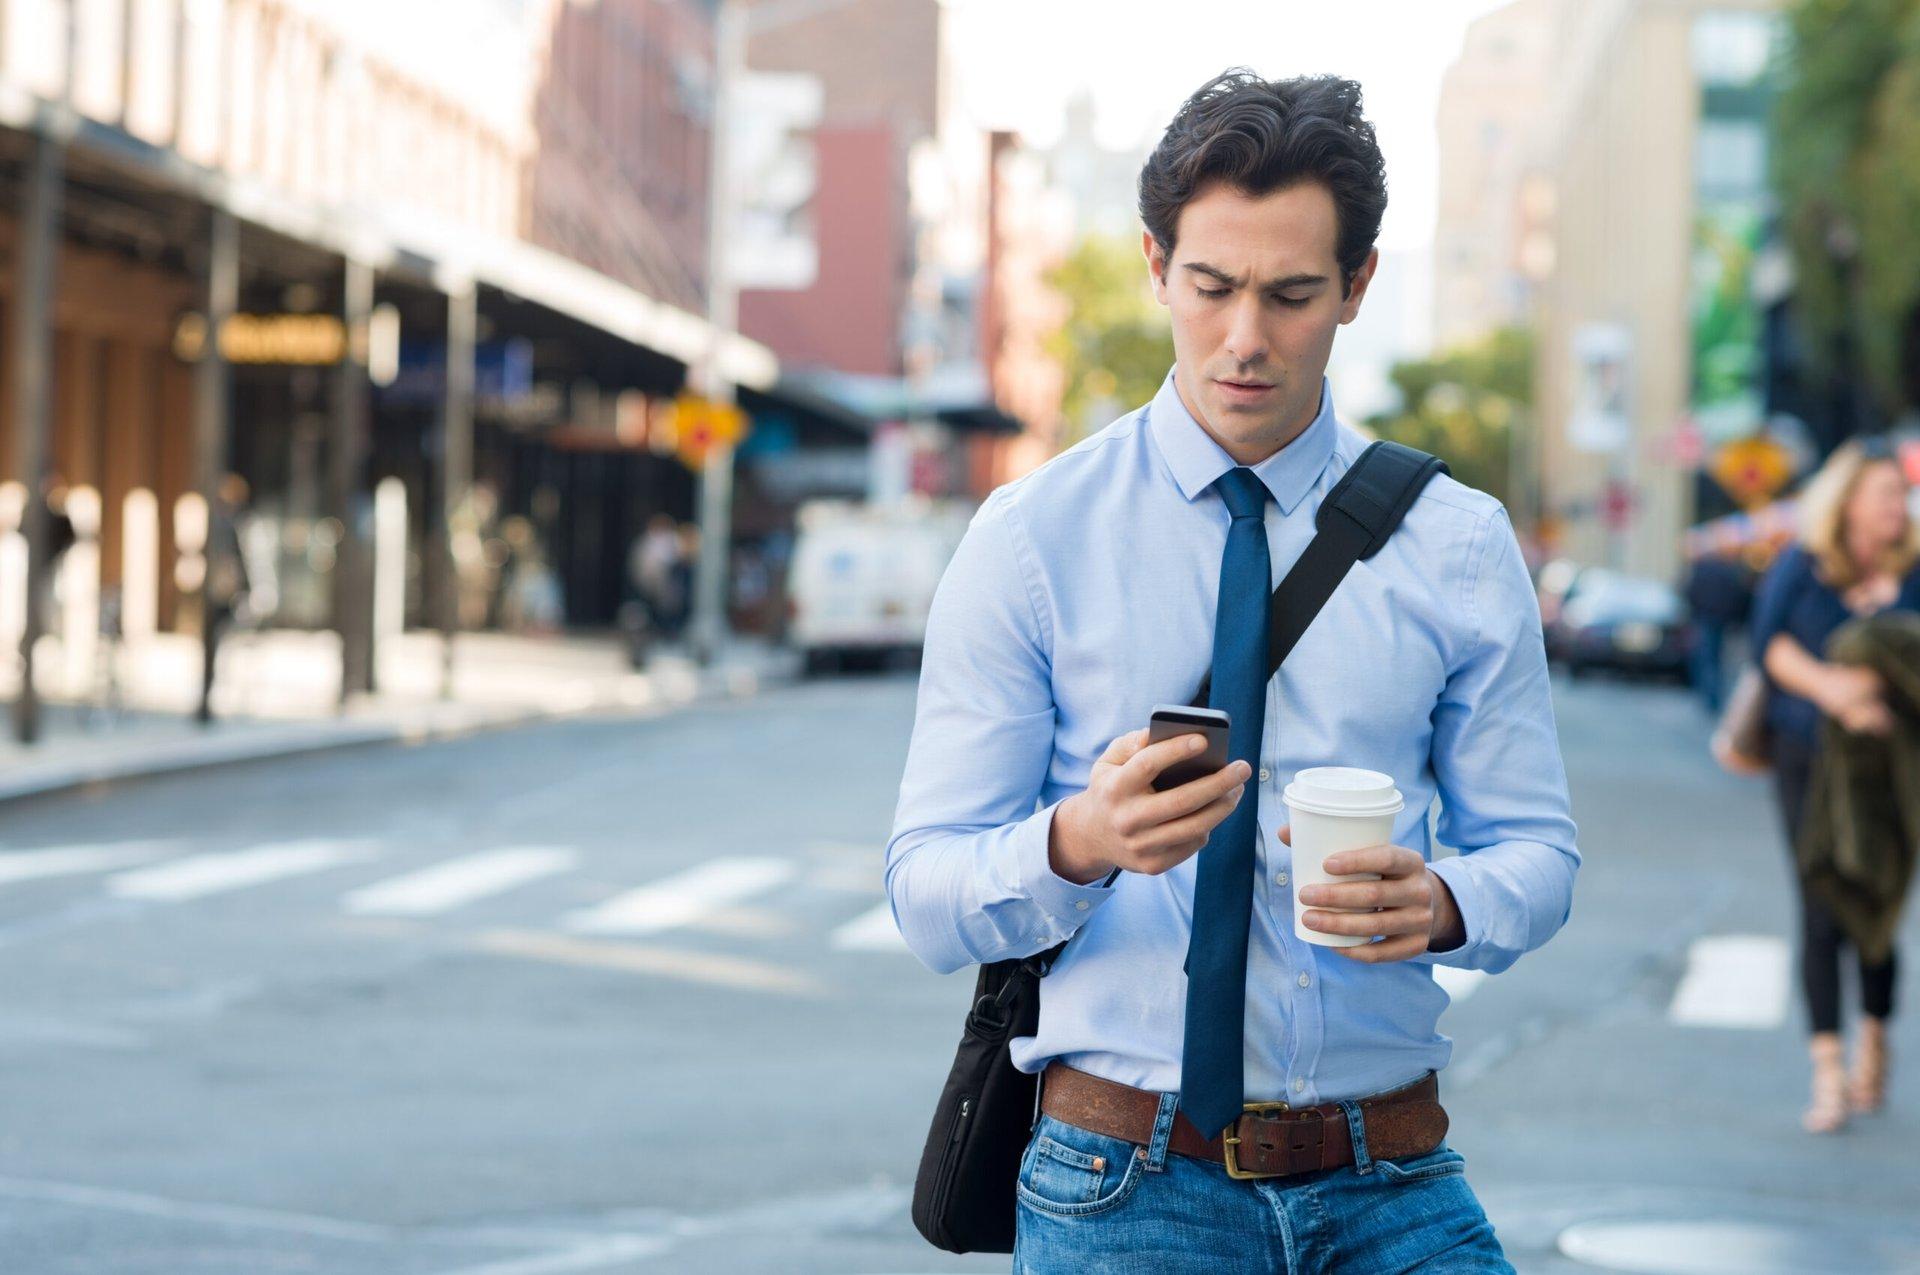 Man walking and looking at his phone